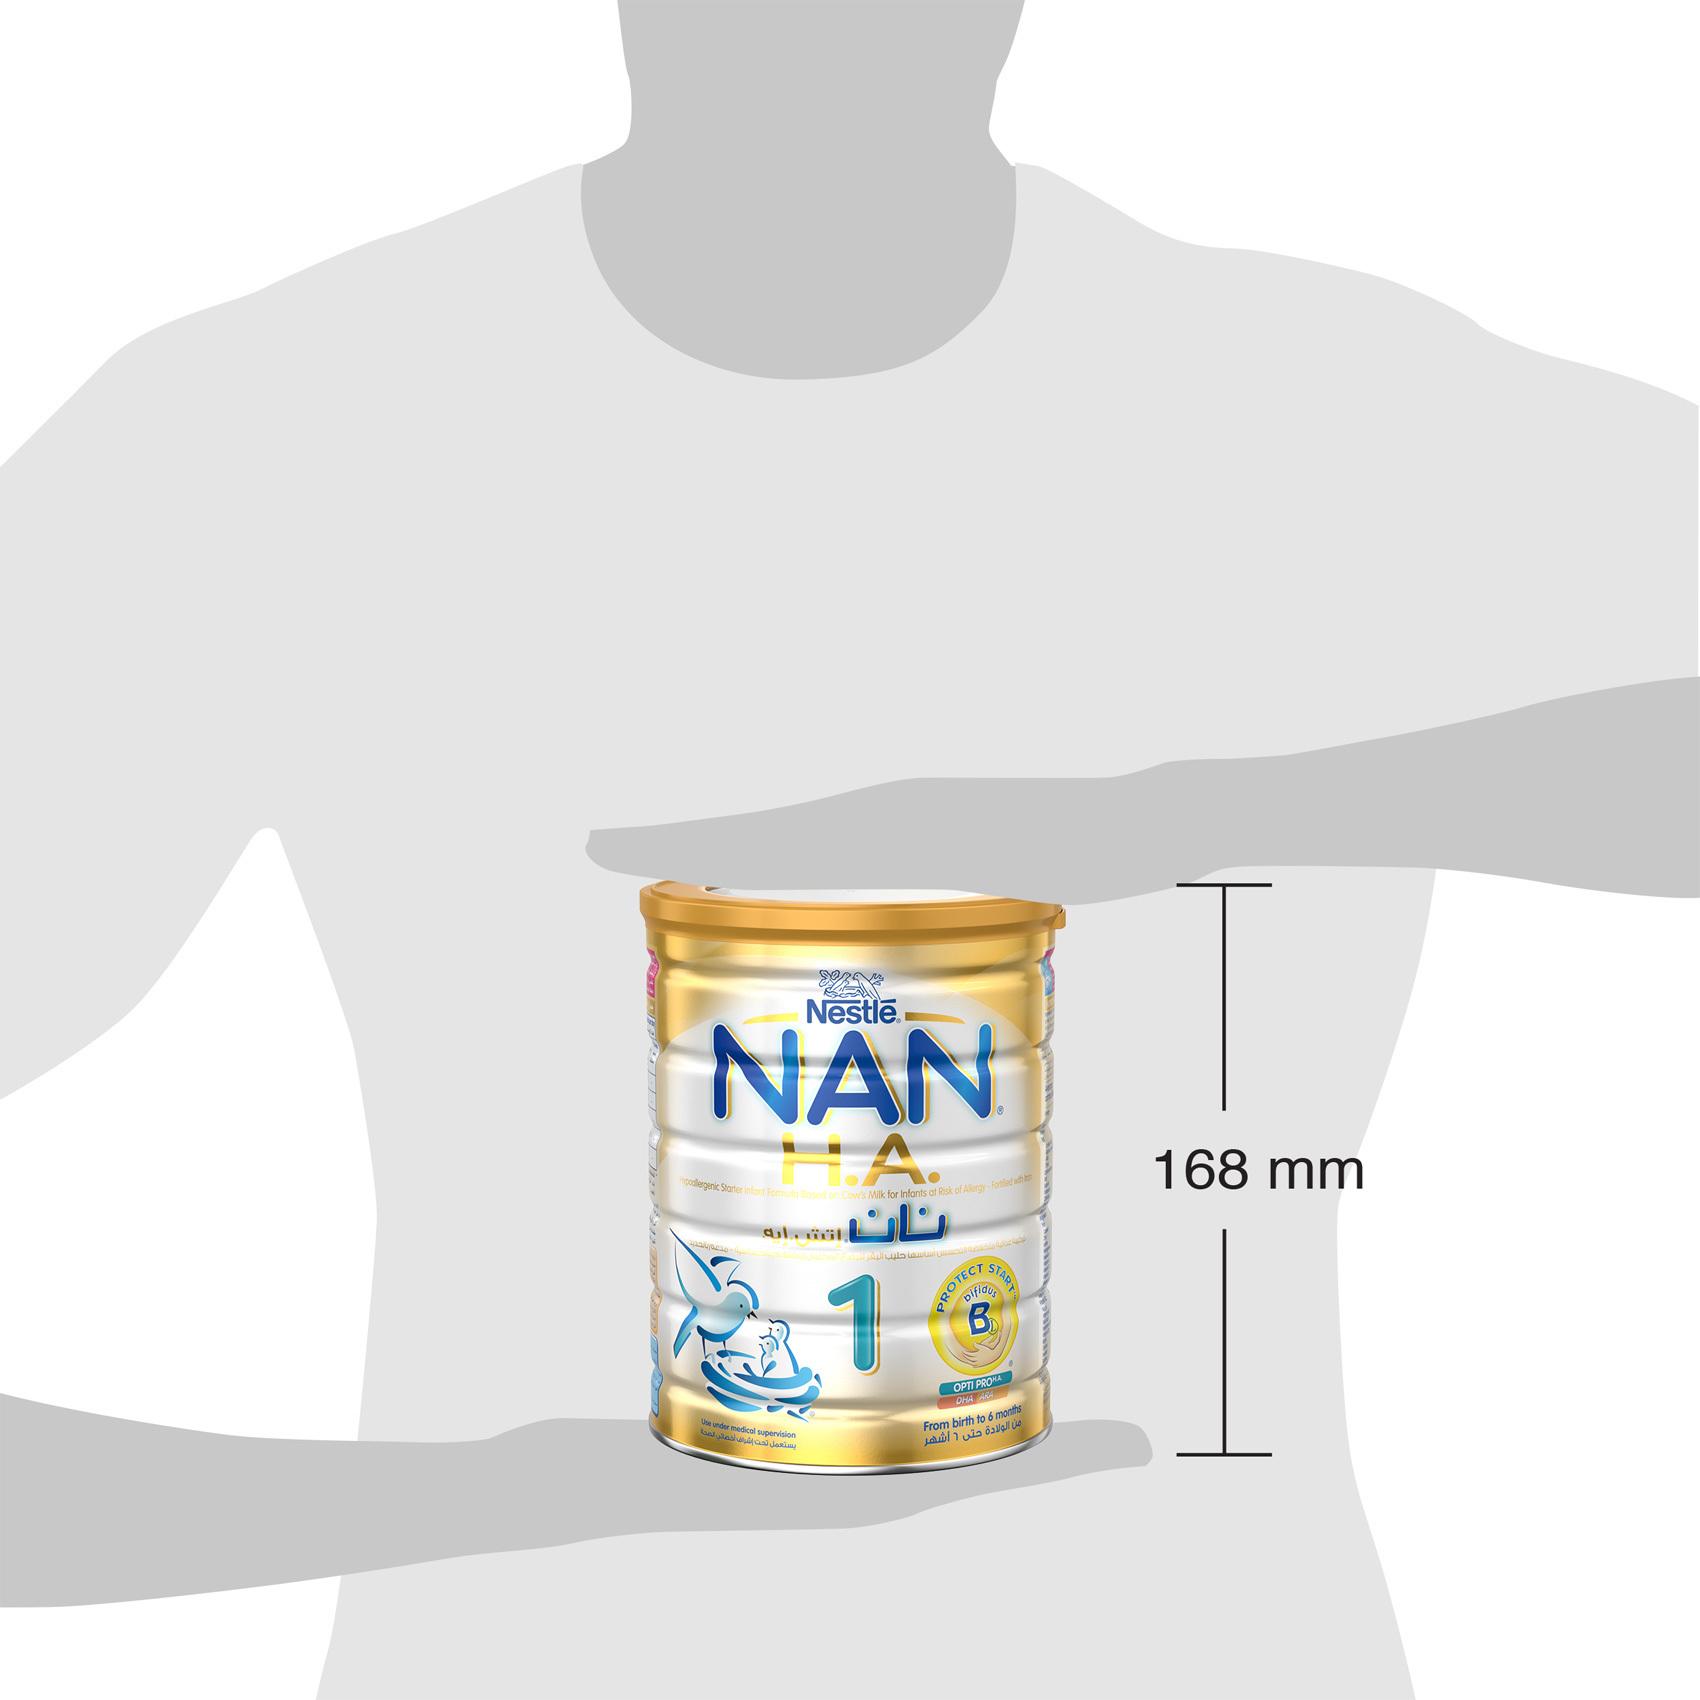 NAN HA 1 800GR